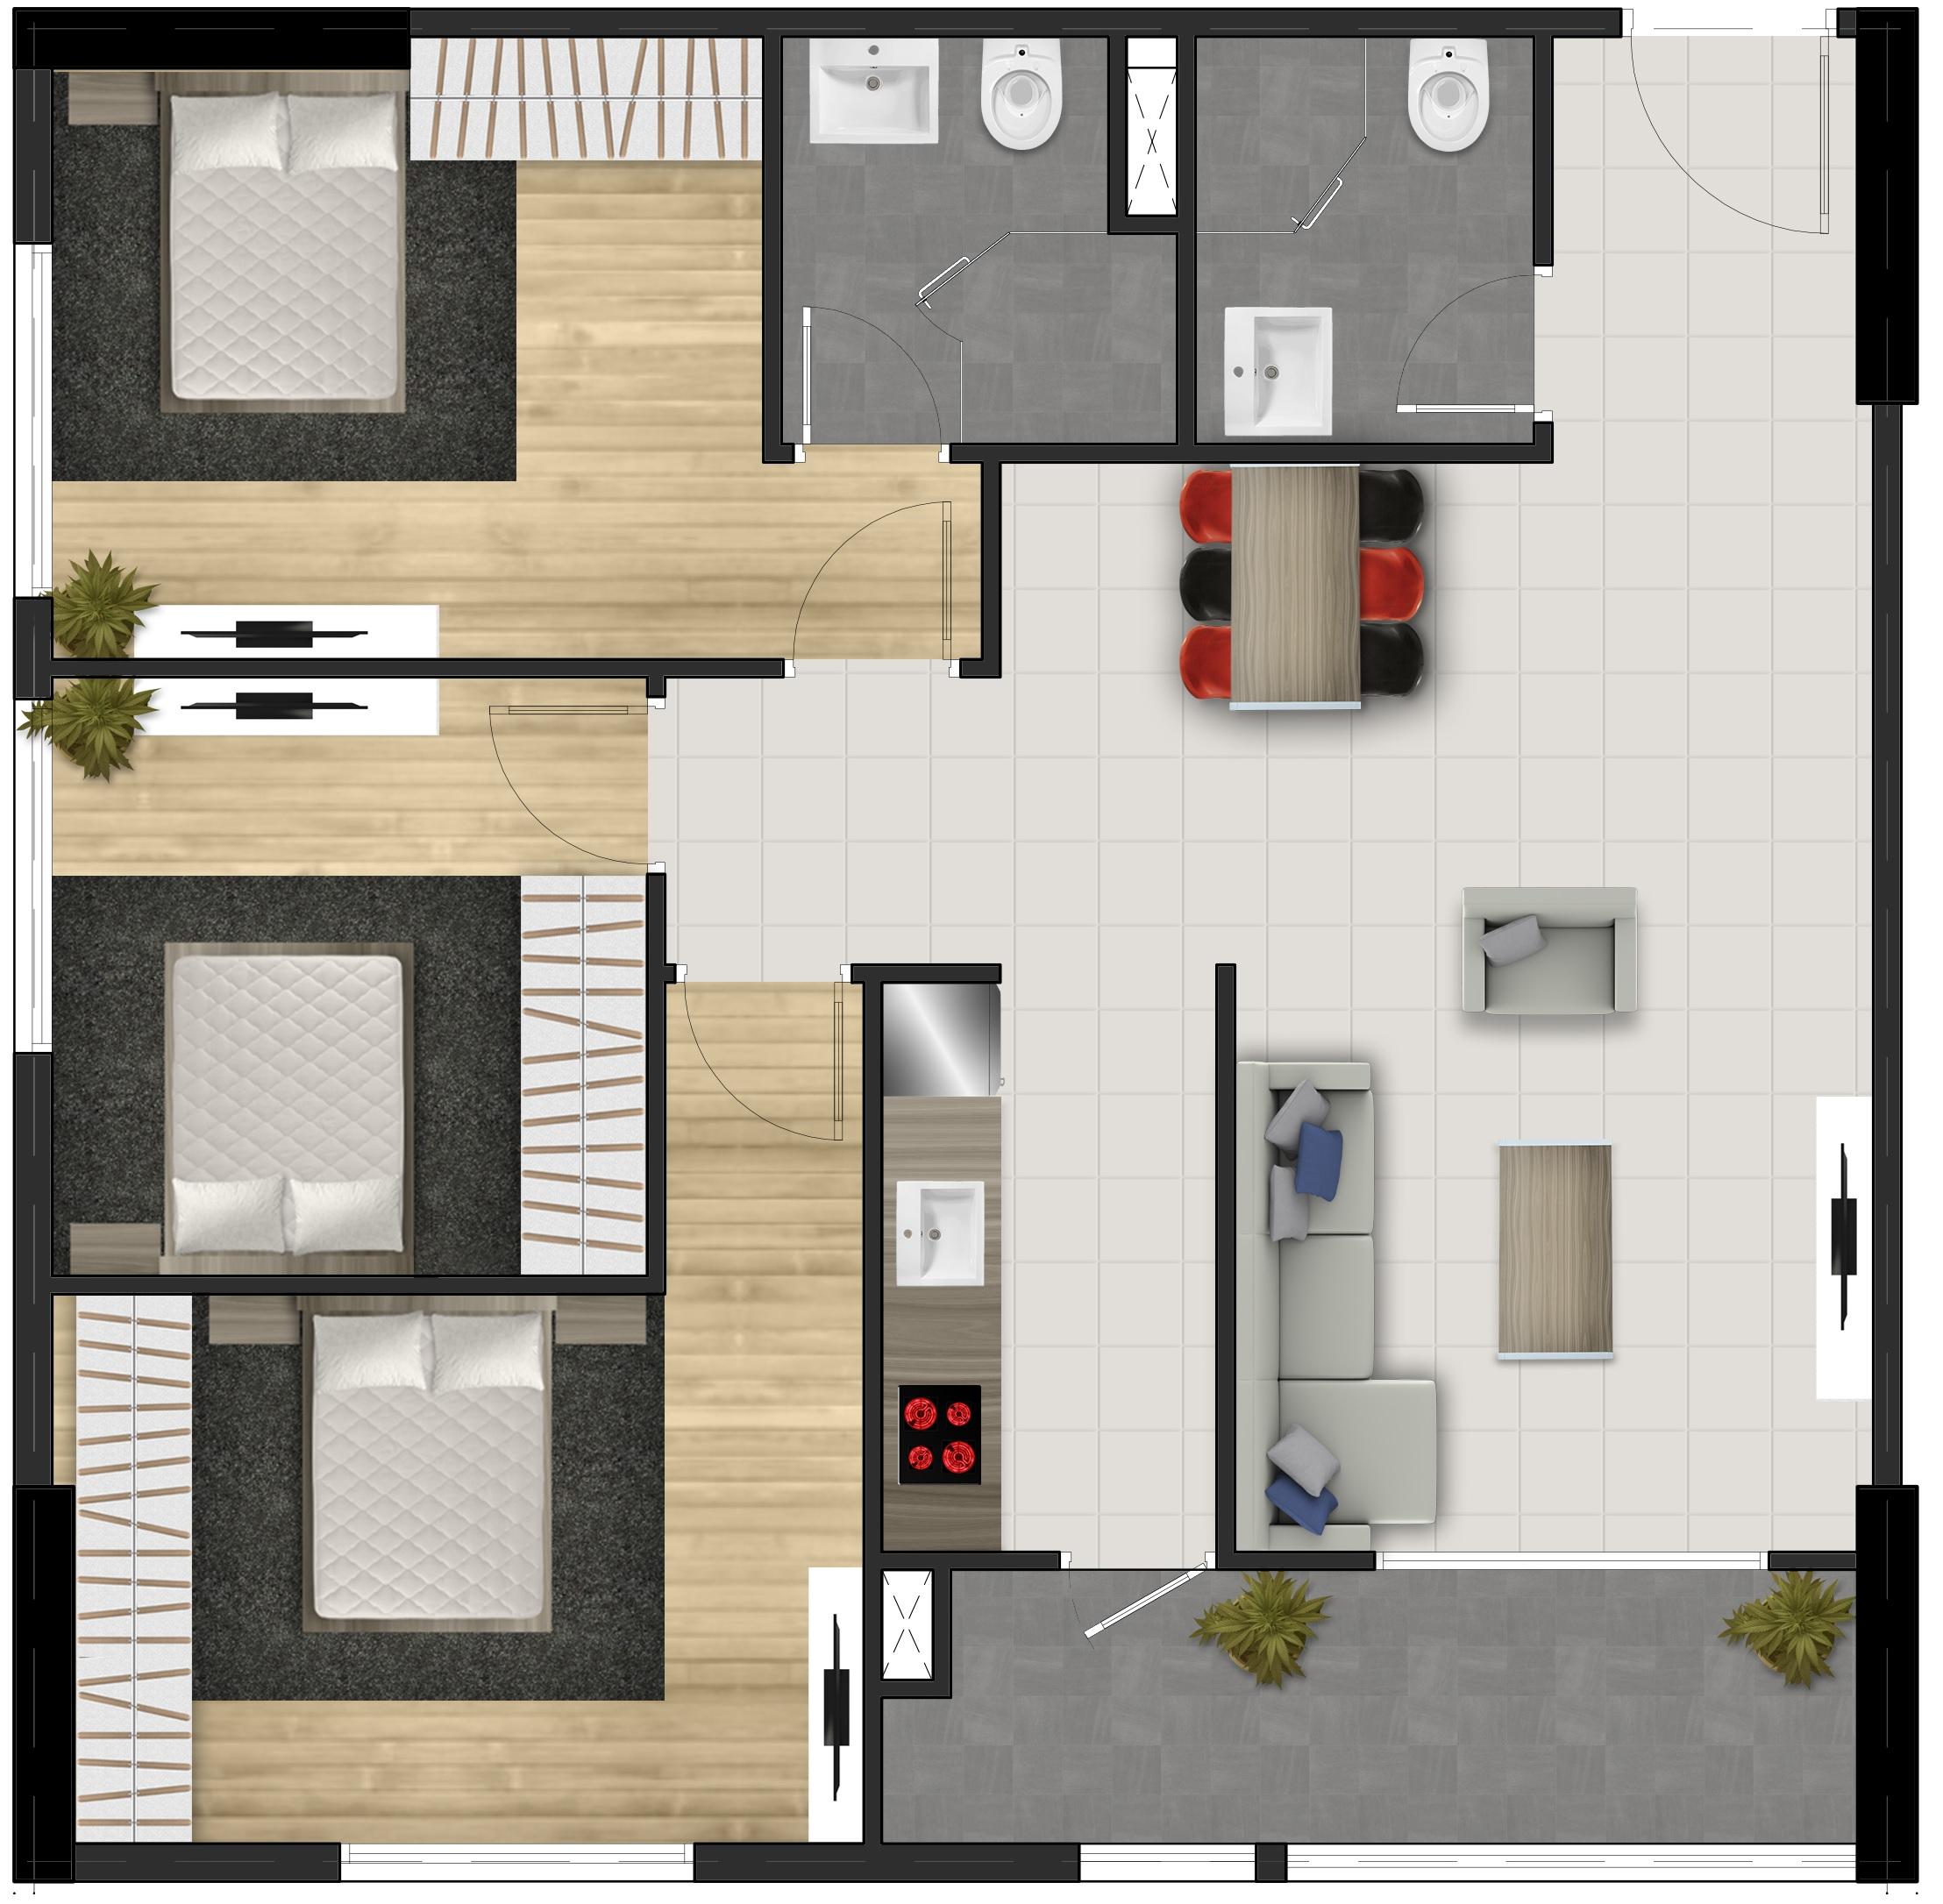 Căn 3 phòng ngủ - FPT Plaza 1 FPT City Đà Nẵng